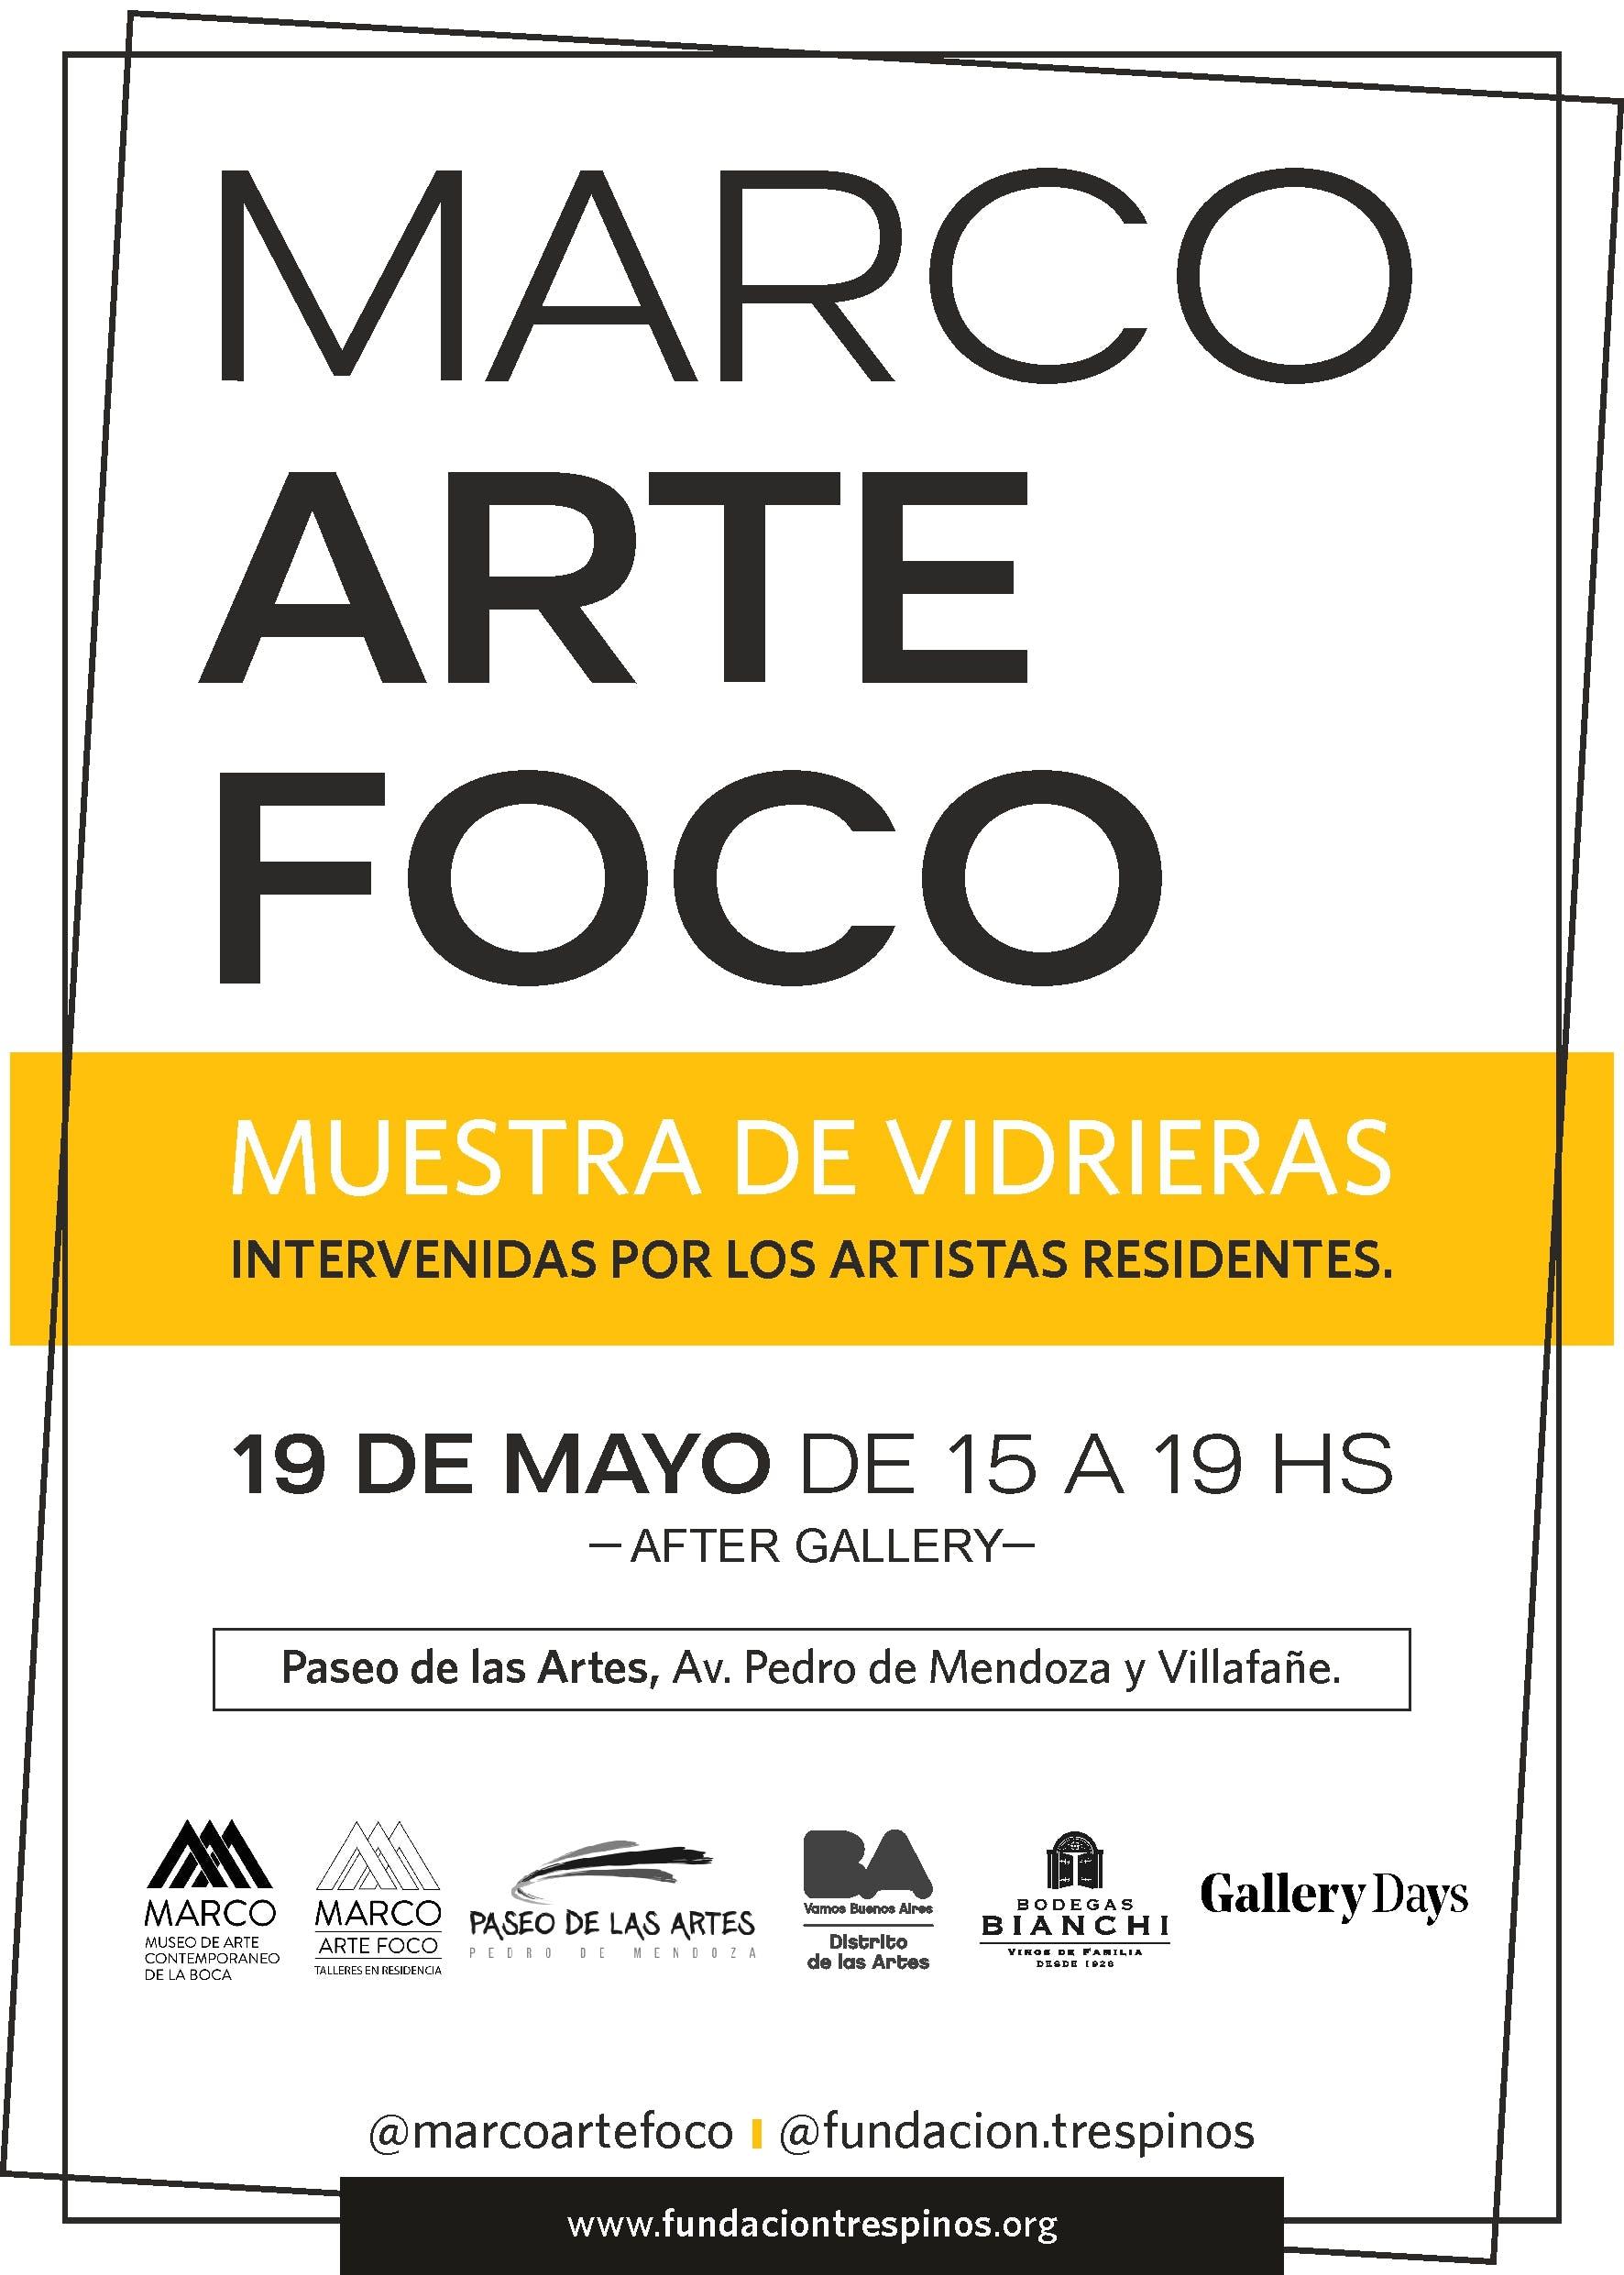 Marco Arte Foco #GalleryMember De Gallery Days - 19 MAY 2018